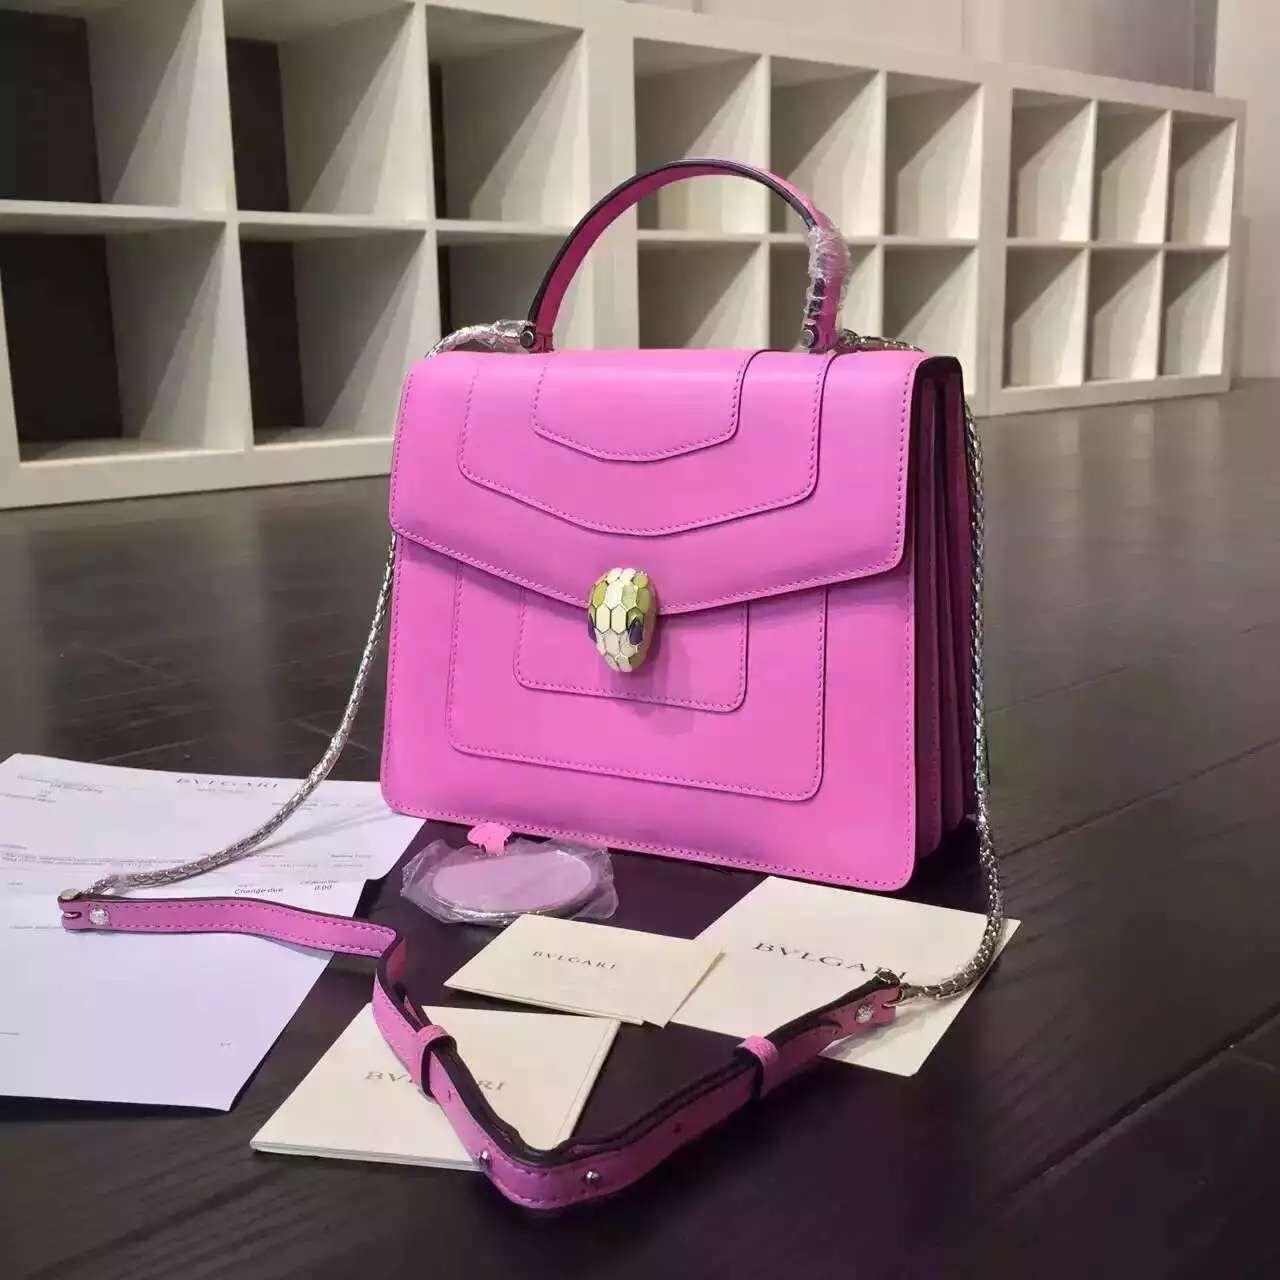 Bvlgari Bag Id 52596 For A Yybags